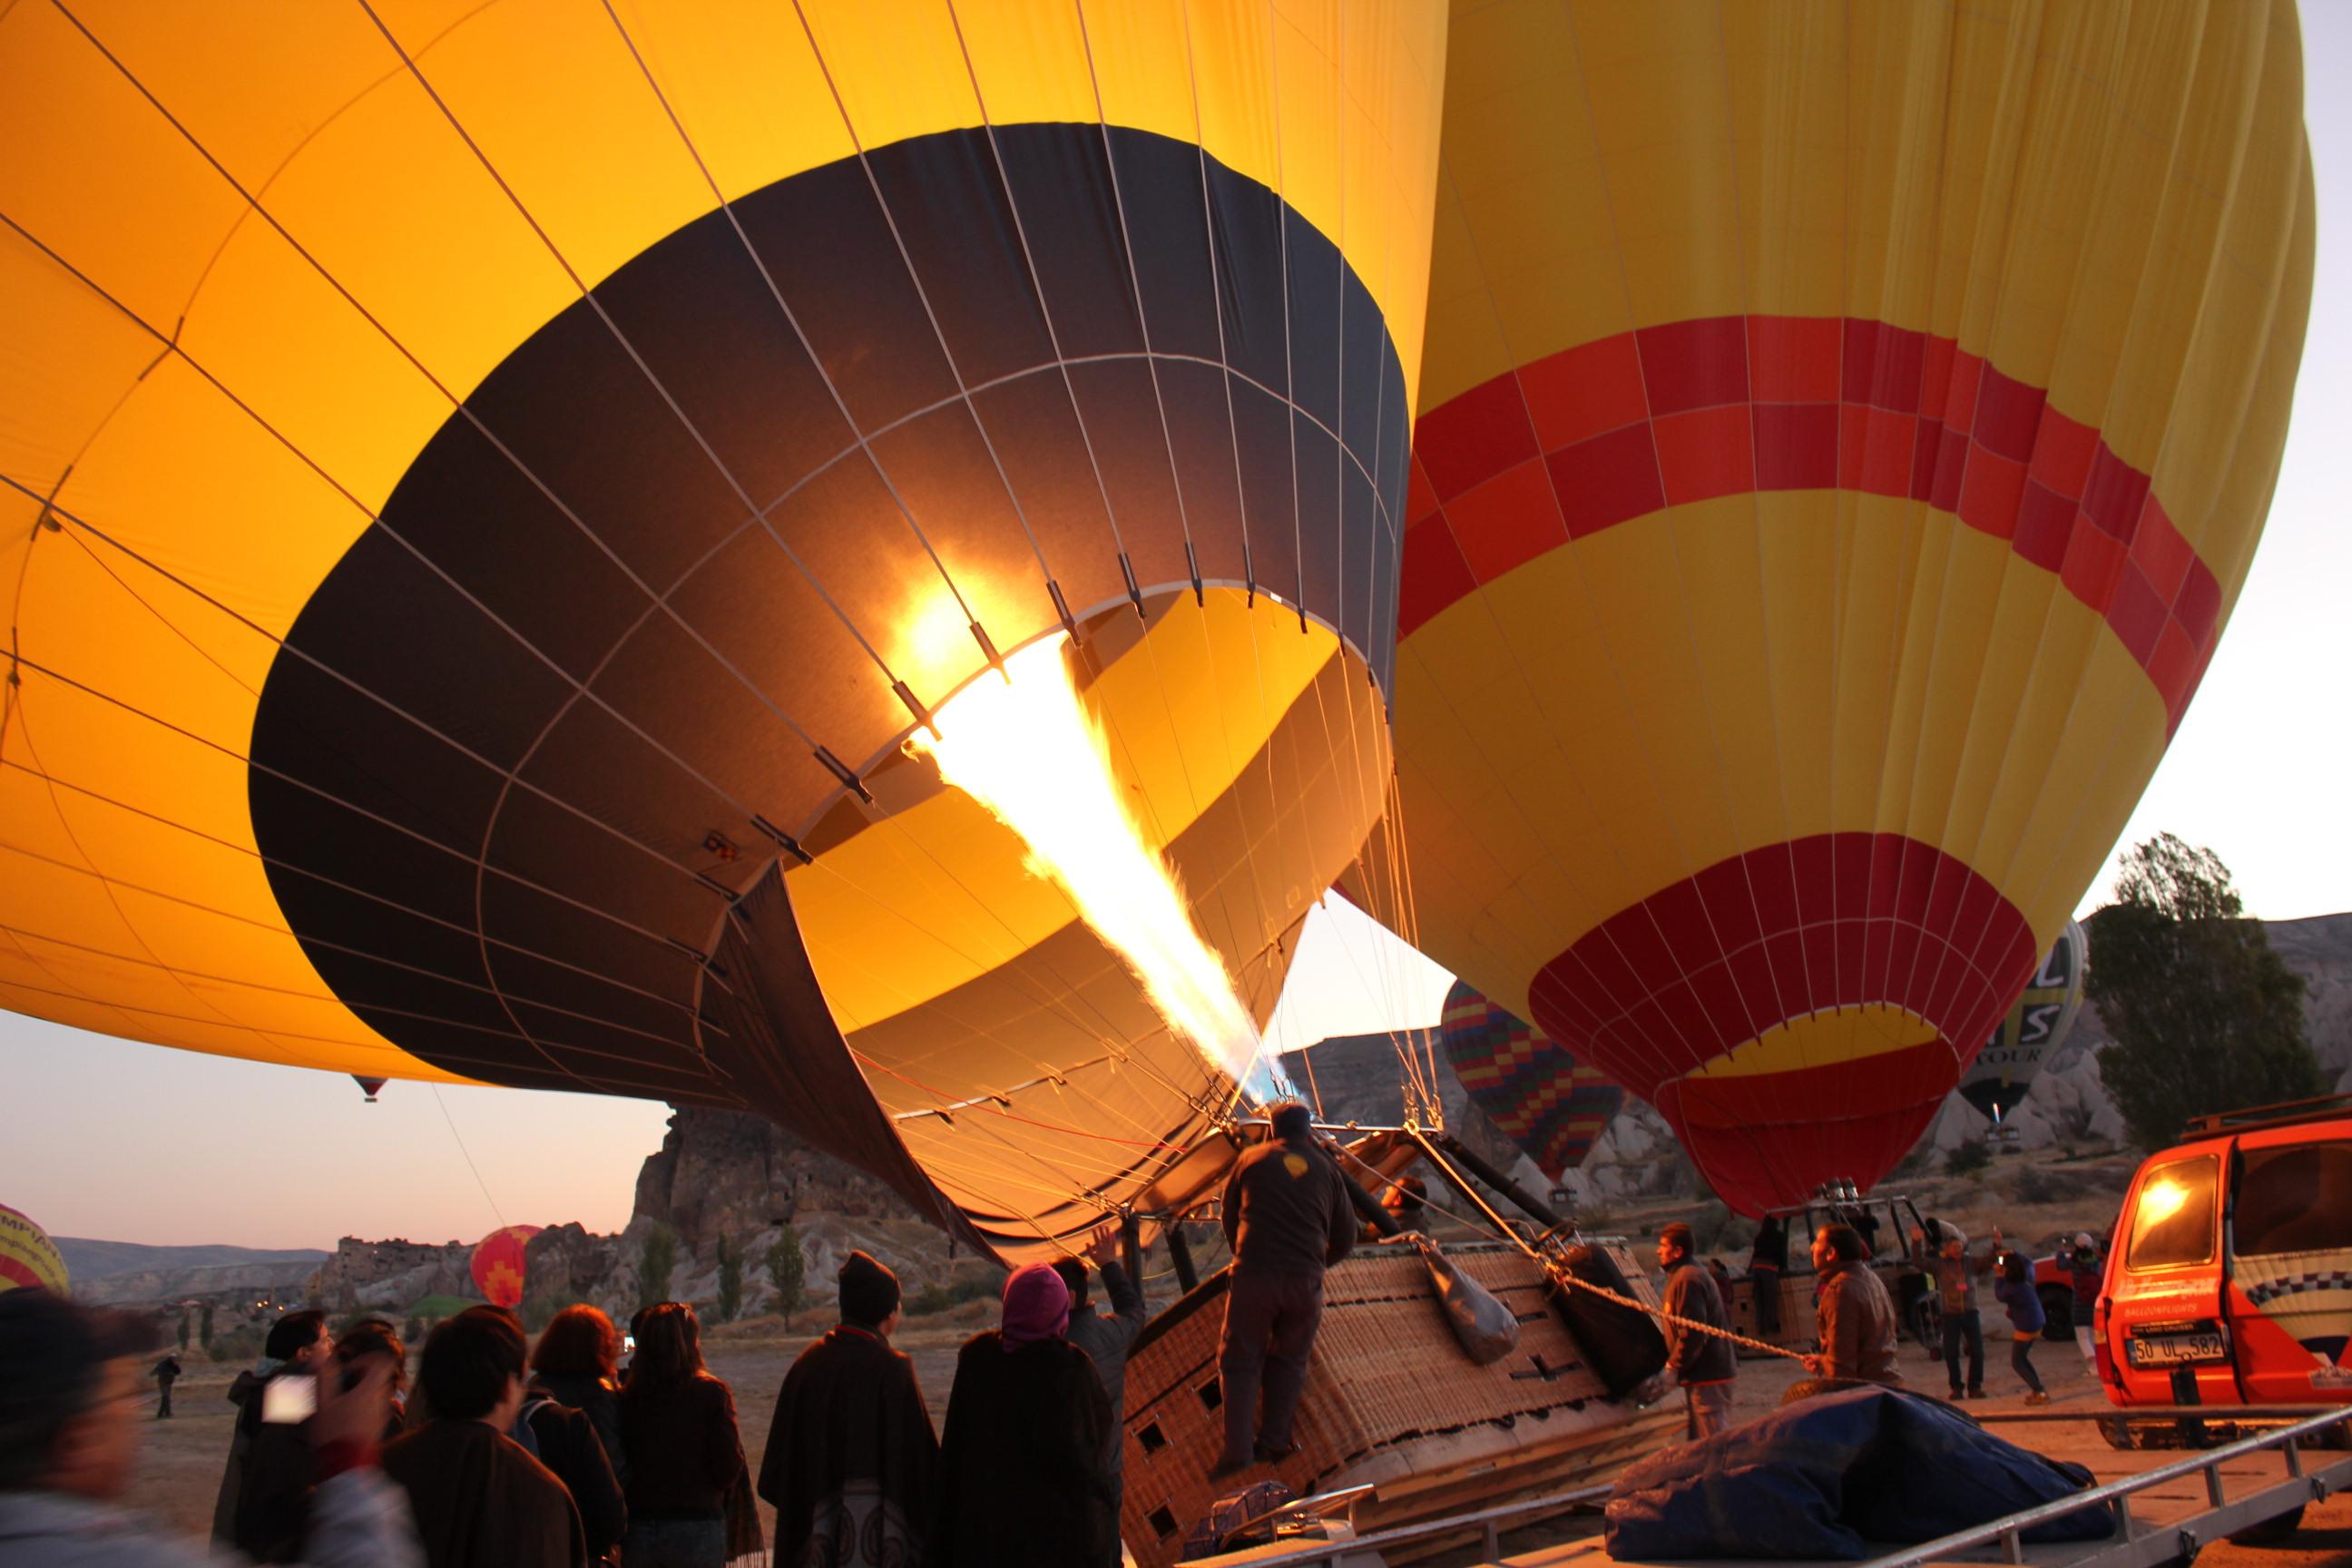 A hot air balloon ride in Cappadocia  bilbyandbear